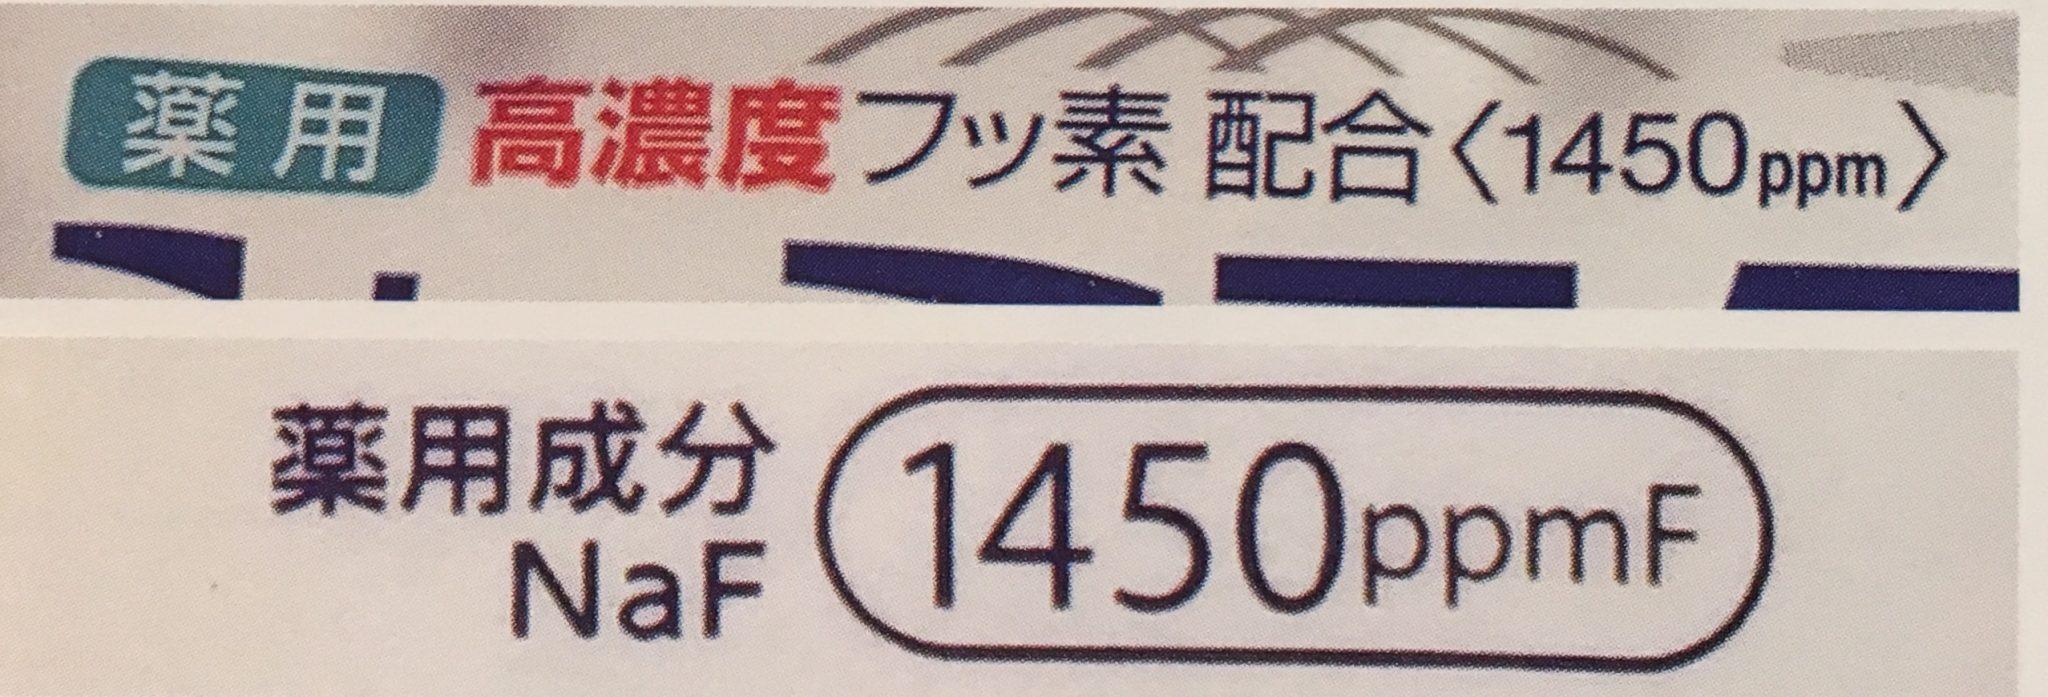 高濃度フッ化物配合歯磨剤のパッケージ